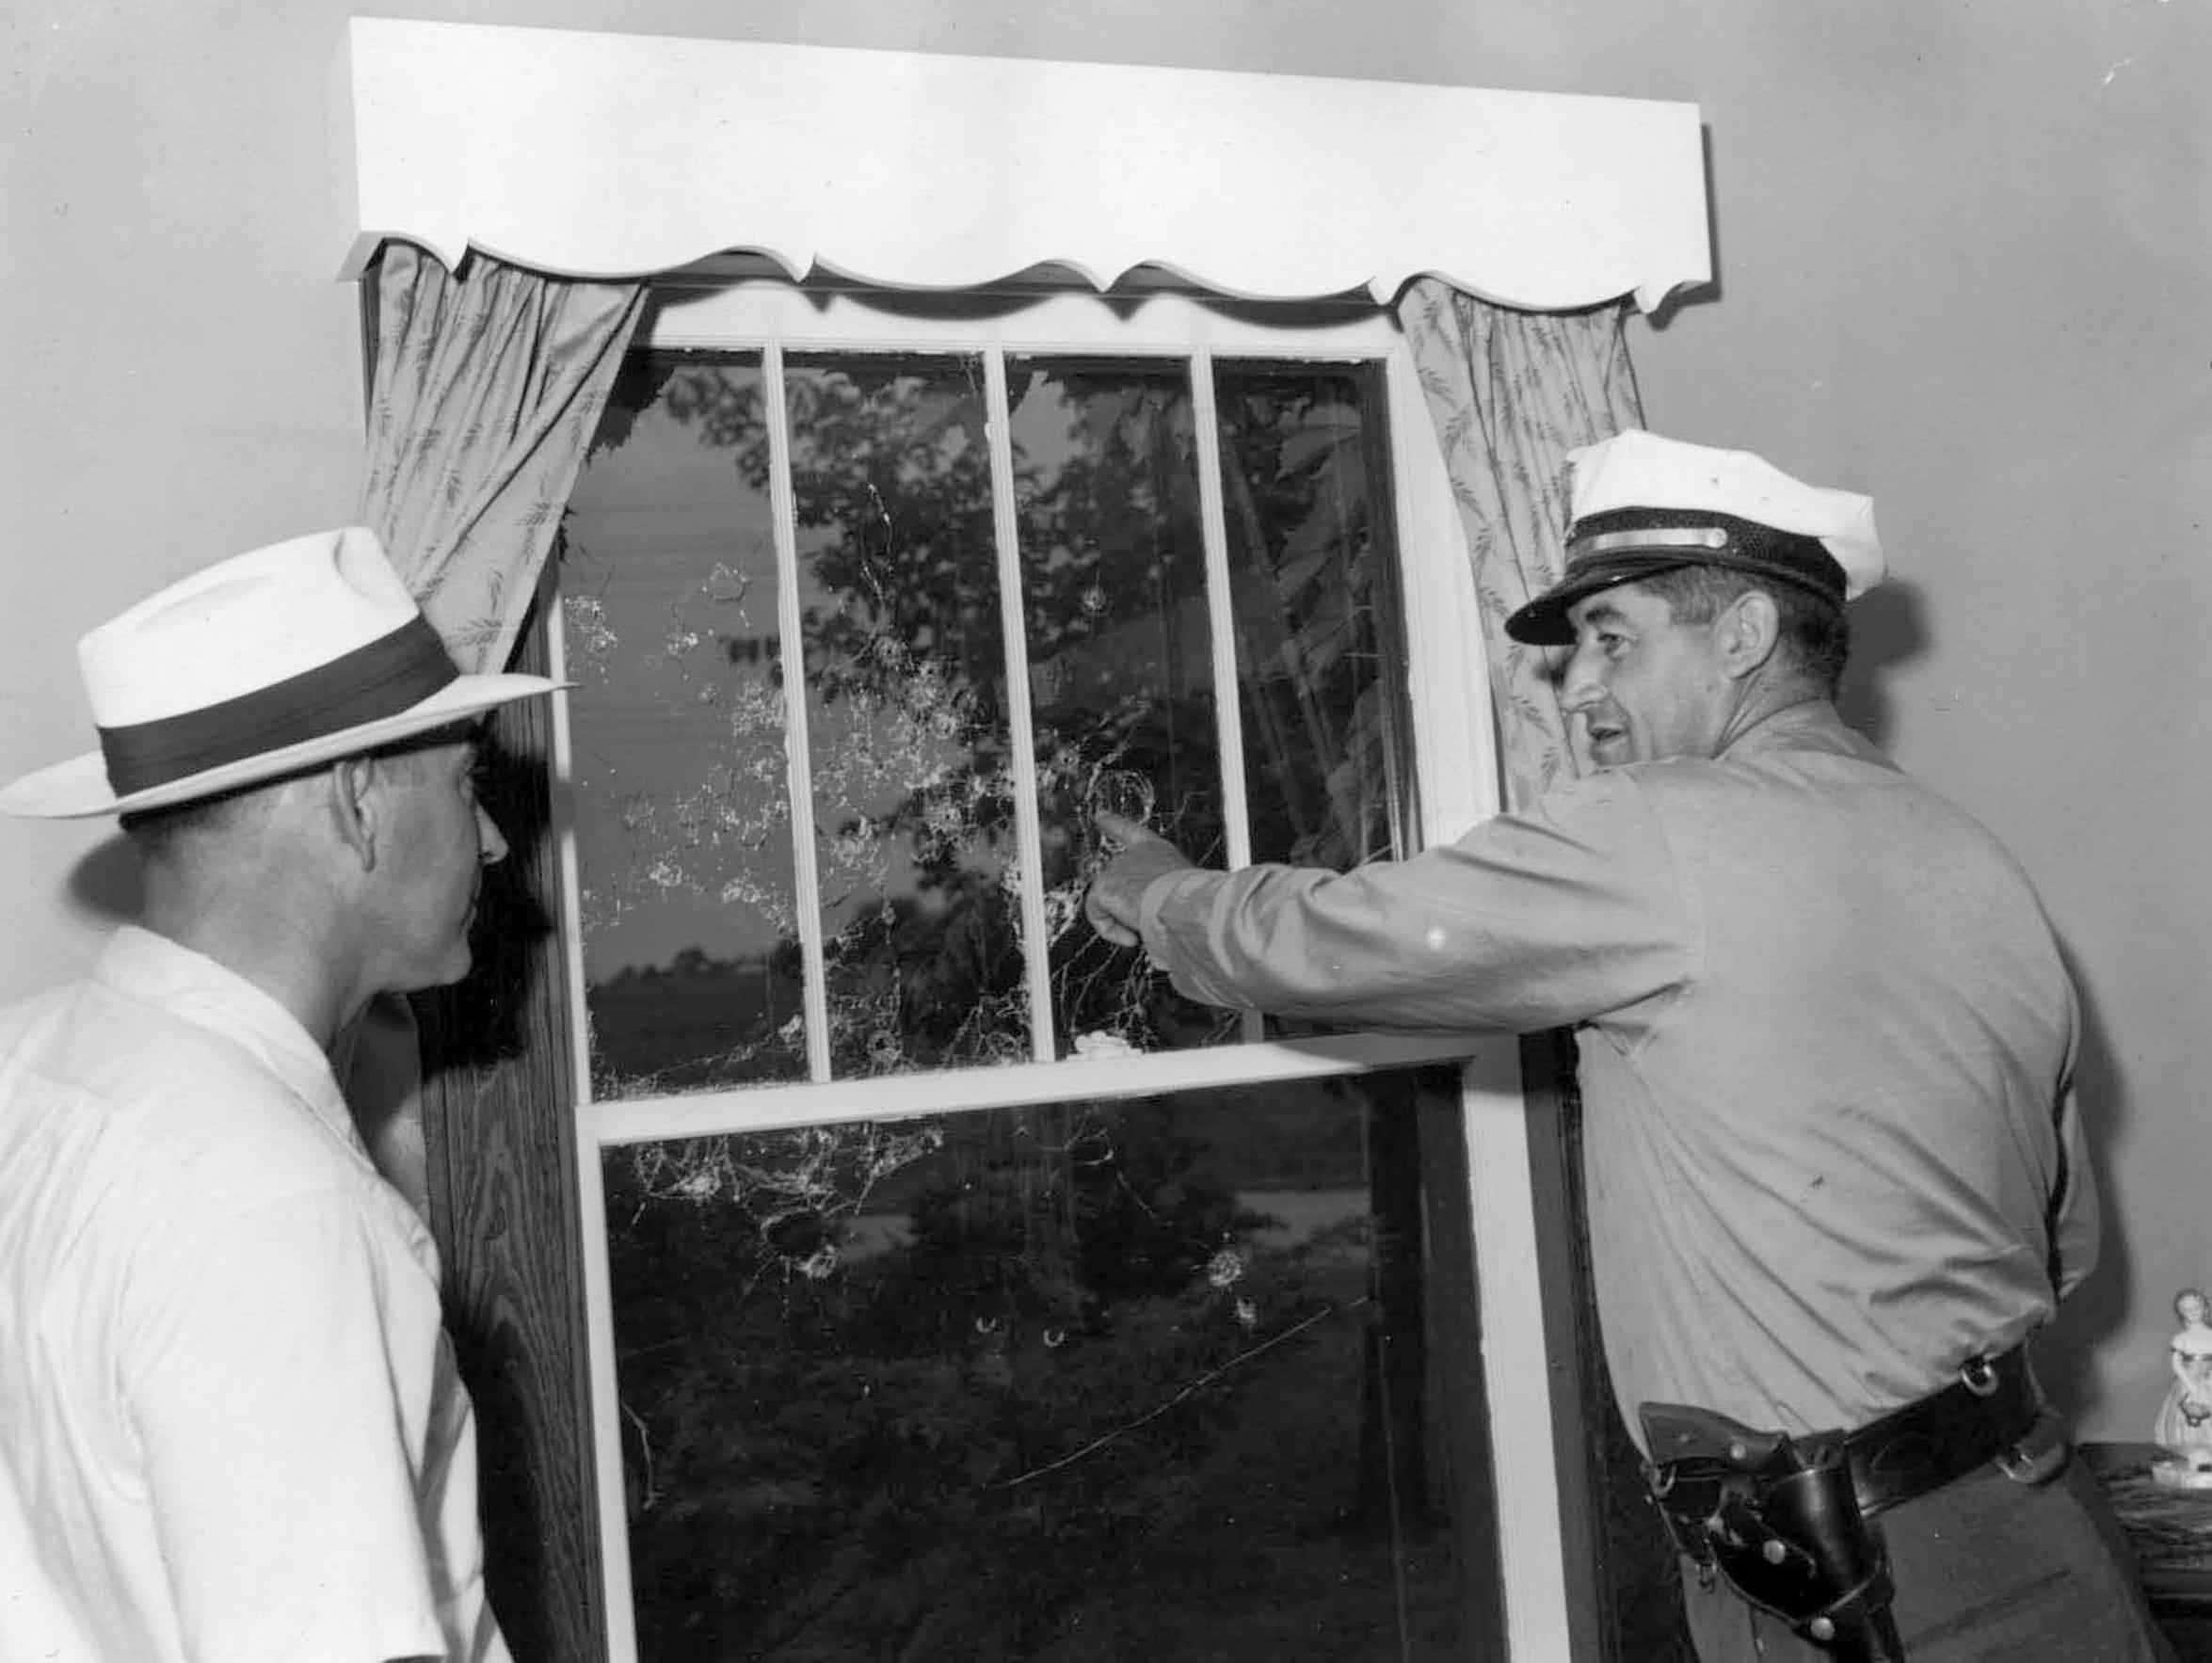 6-29-1954 Shotgun blast window at Harold J. curtis,